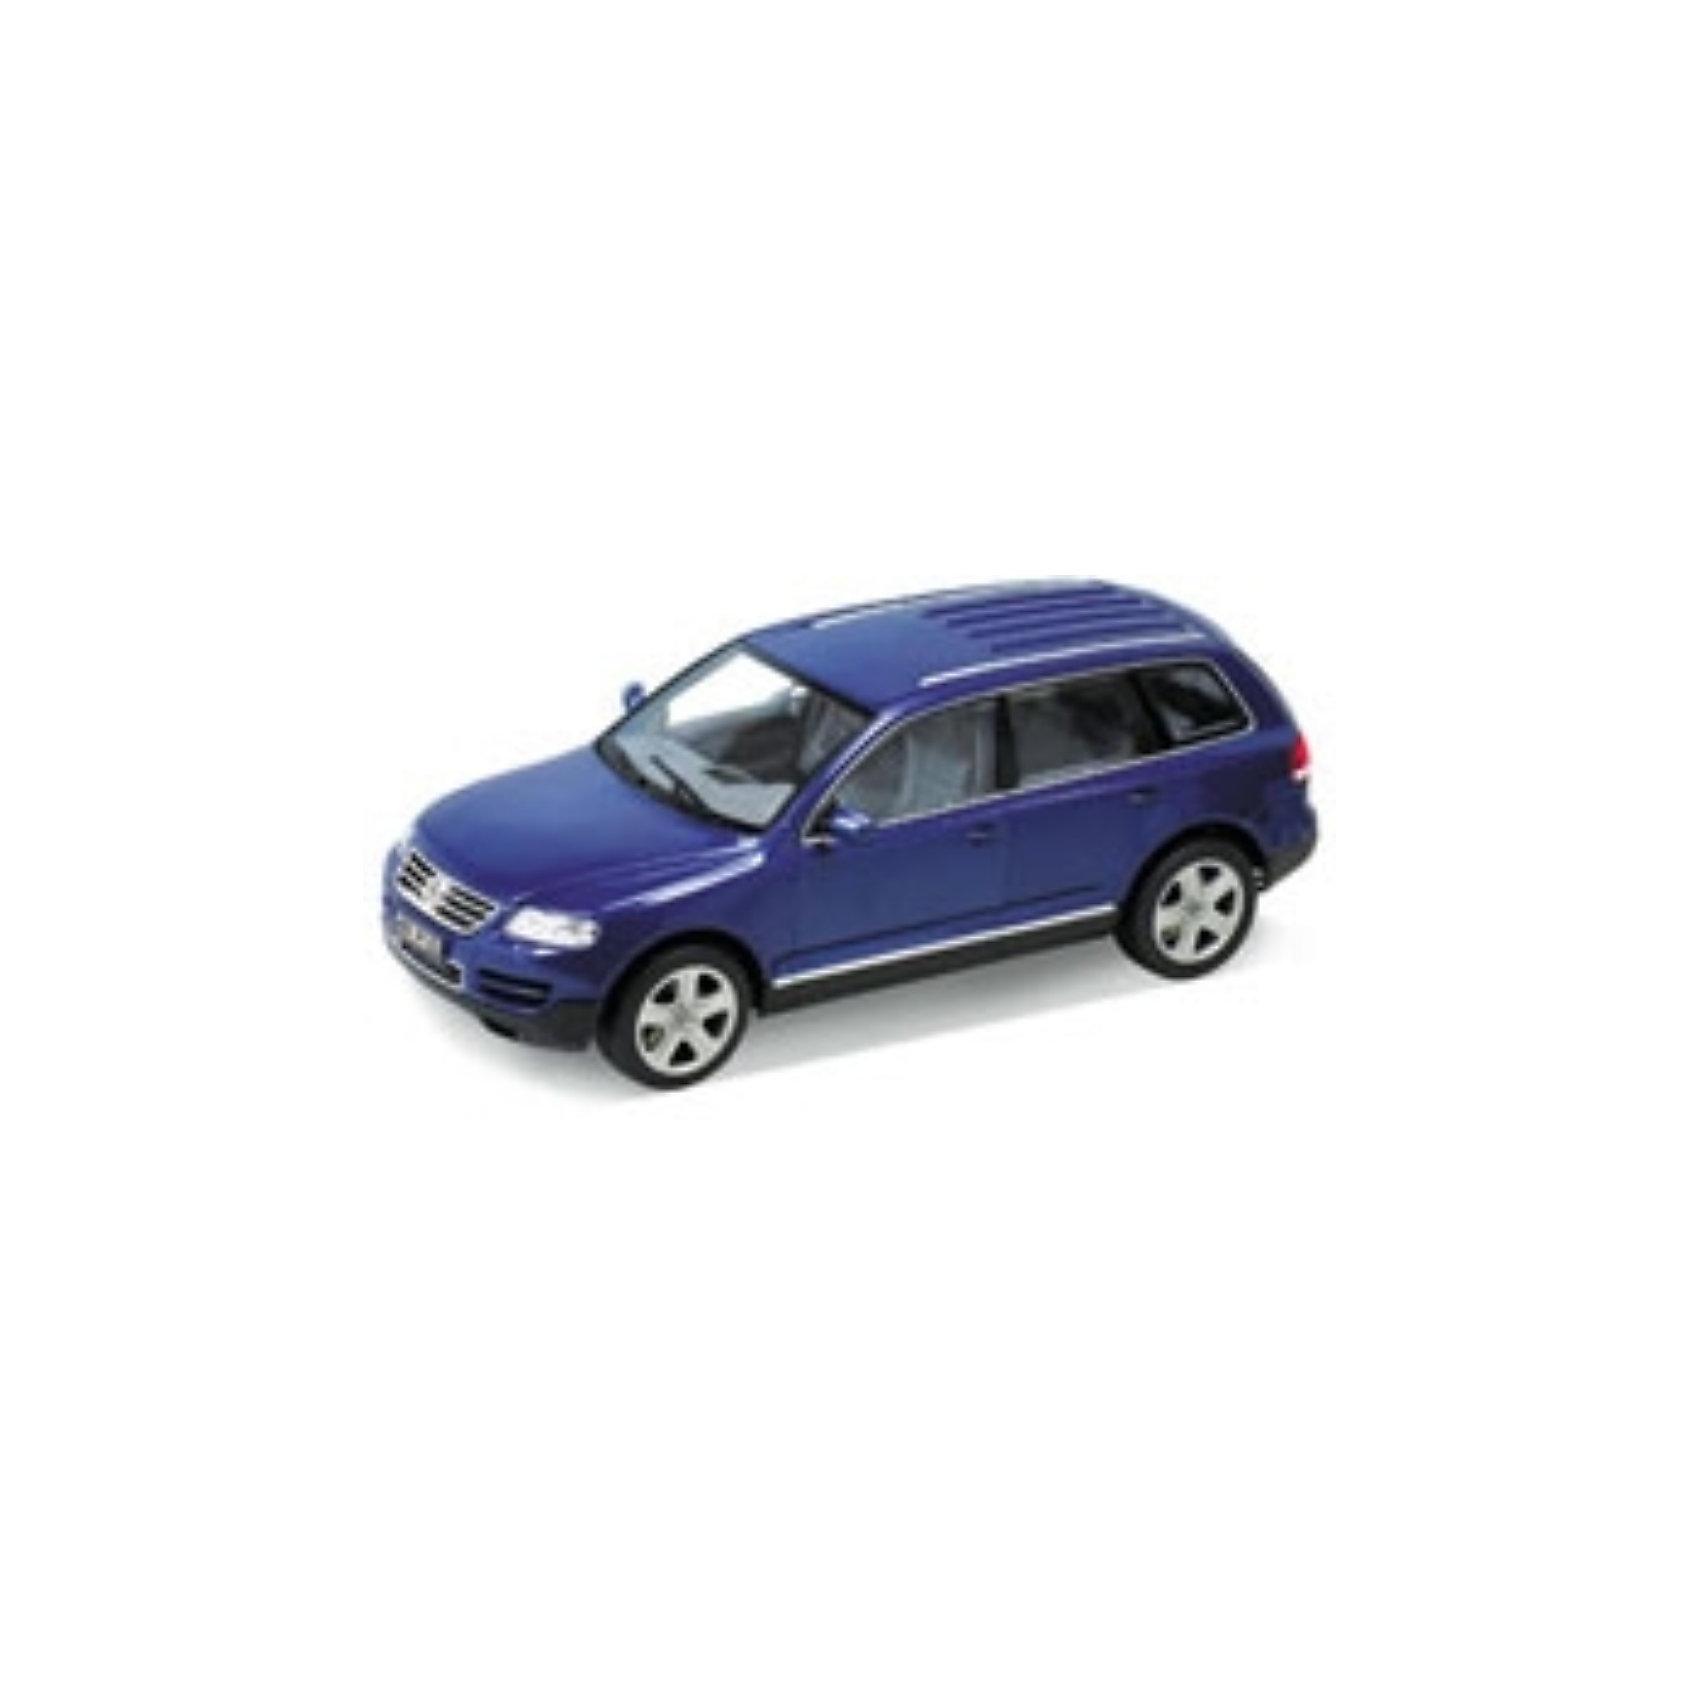 Welly Модель машины 1:18 VW TOUAREGМодель автомобиля масштаба 1:18. У машинки открываются капот, багажник и двери. Предусмотрено специальное приспособление для открывания дверей. Поворотом руля можно повернуть колеса.<br><br>Ширина мм: 340<br>Глубина мм: 160<br>Высота мм: 140<br>Вес г: 1416<br>Возраст от месяцев: 84<br>Возраст до месяцев: 1188<br>Пол: Мужской<br>Возраст: Детский<br>SKU: 2150042